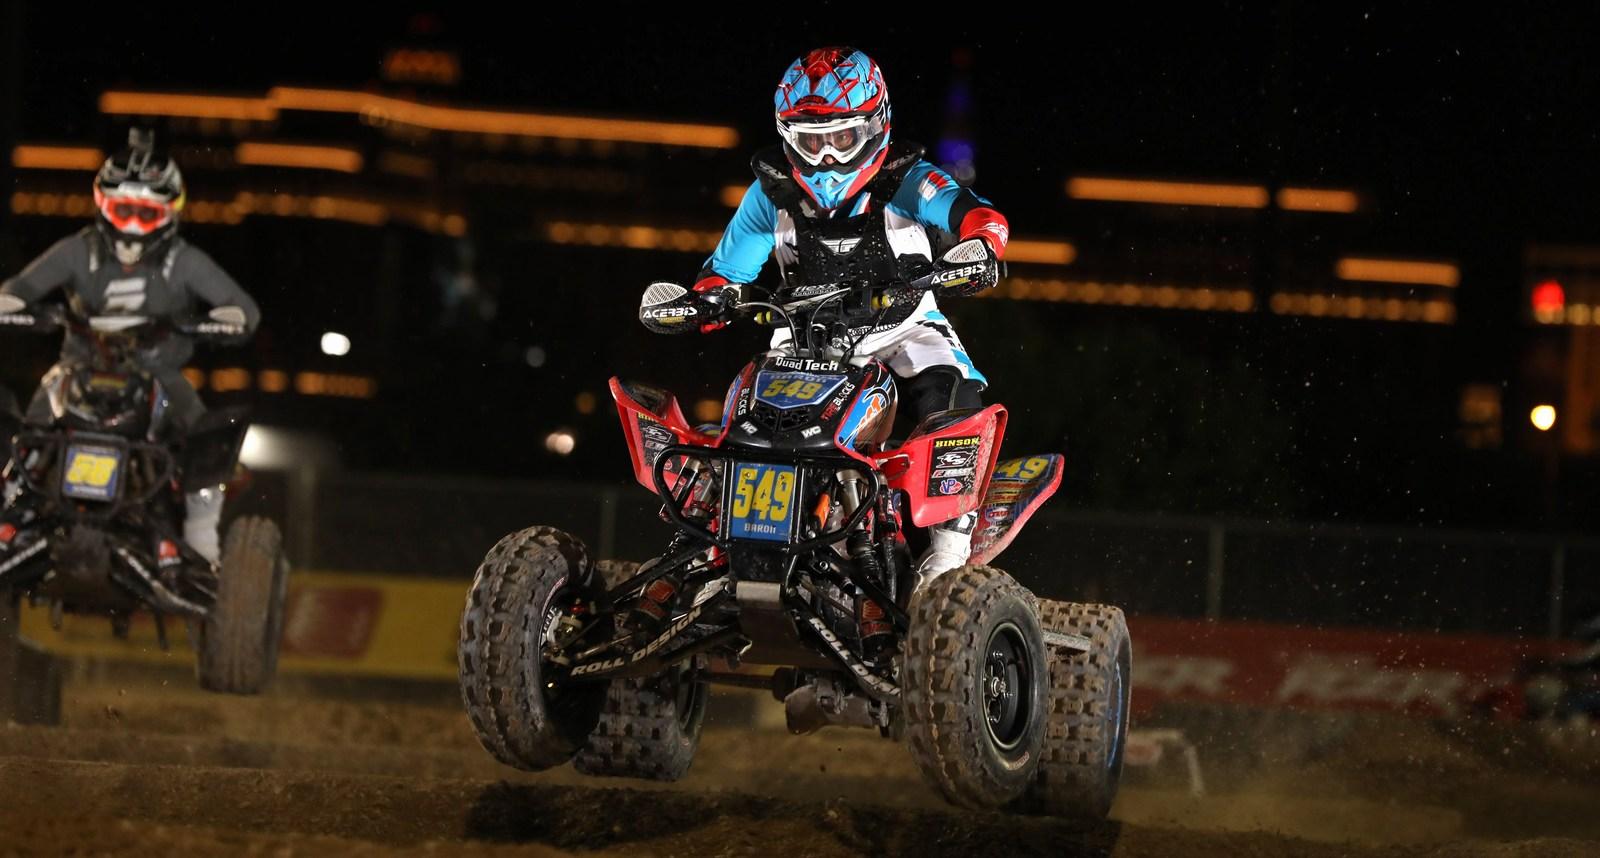 2019-04-beau-baron-atv-worcs-racing